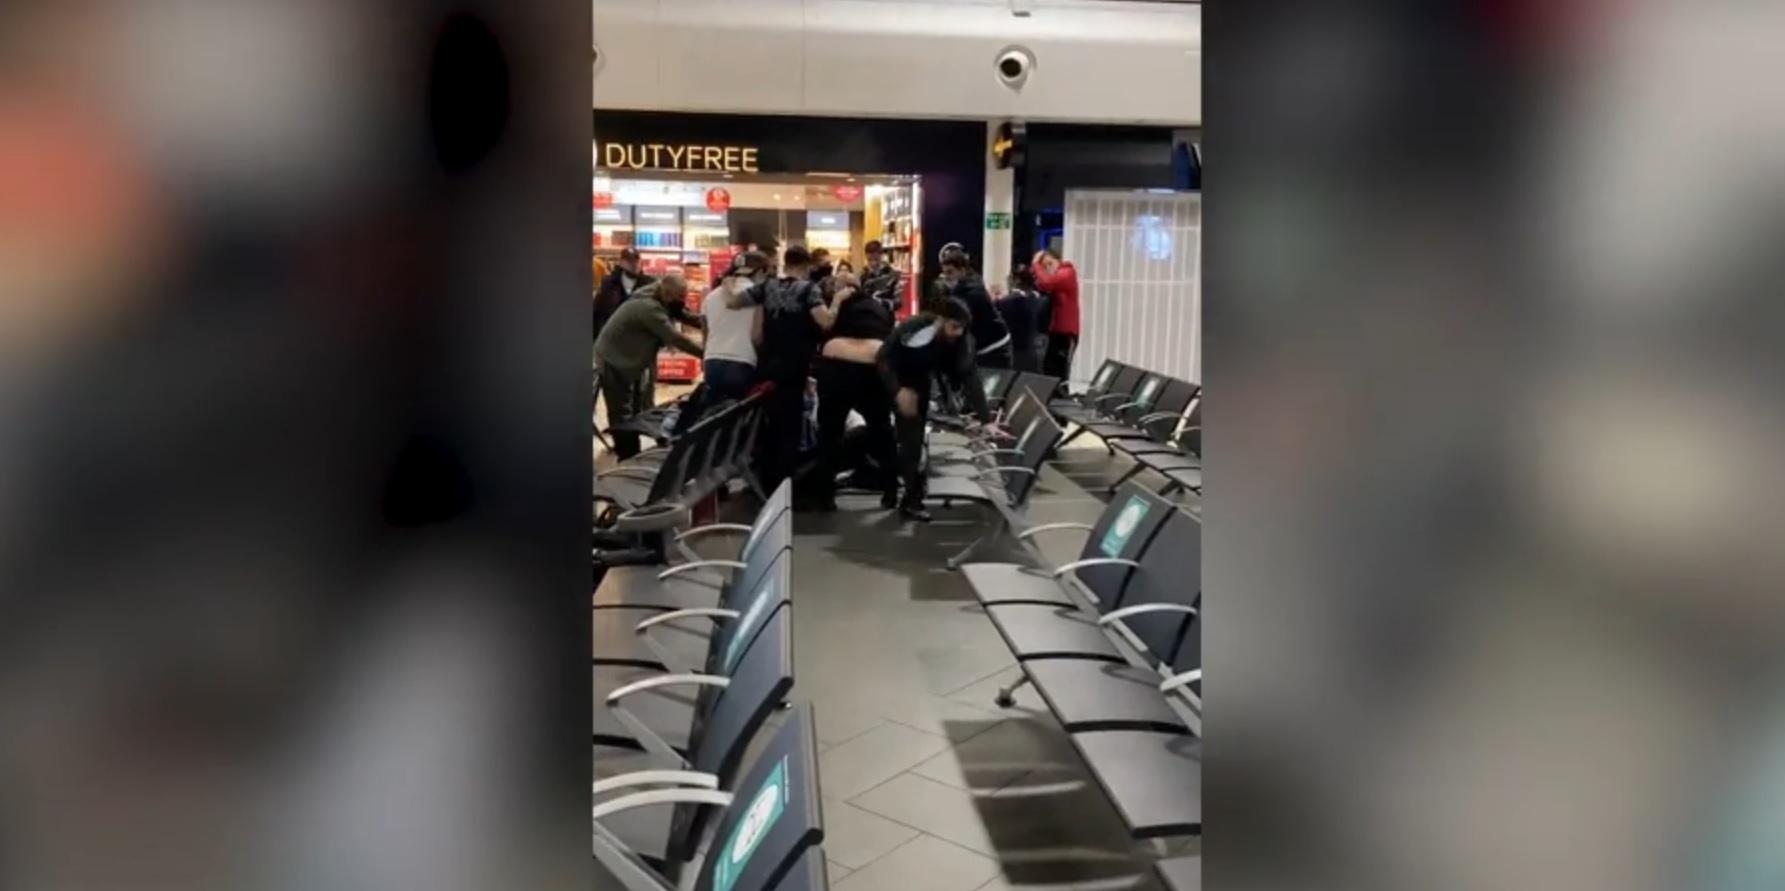 Bătaie între mai mulți români pe Aeroportul Luton. Trei oameni au ajuns la spital cu răni grave, iar 17 persoane au fost arestate. VIDEO